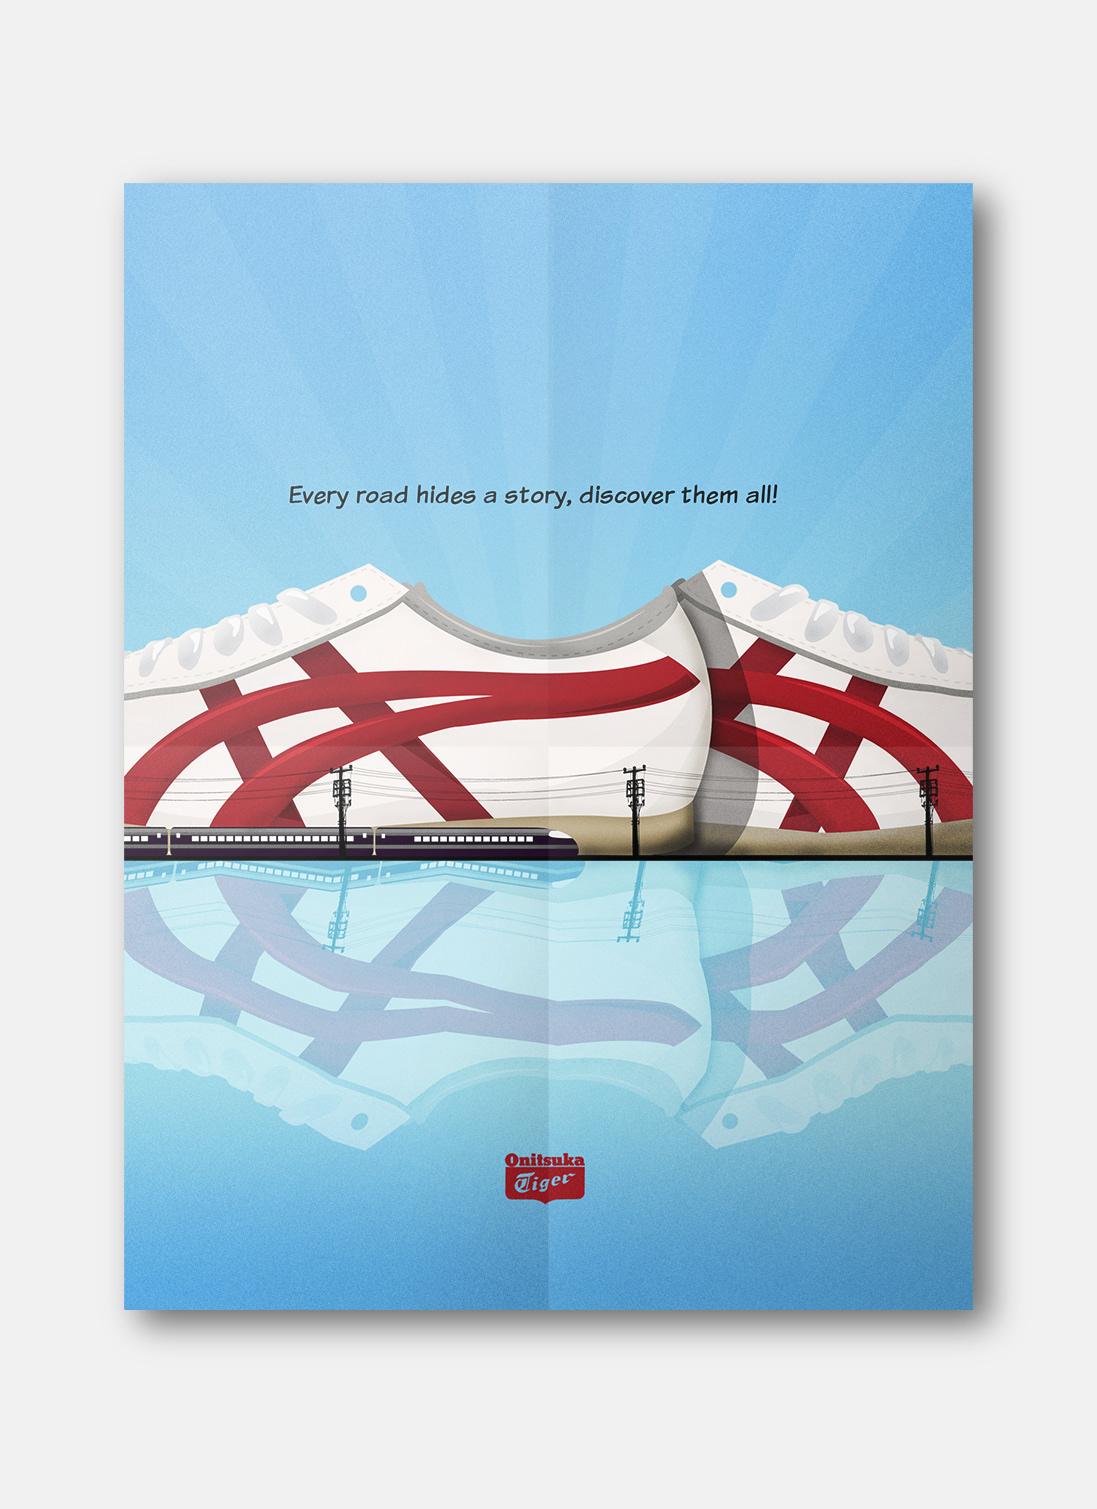 soplo Fragua residuo  EMIR SIMSEK | Graphic Designer - Onitsuka Tiger